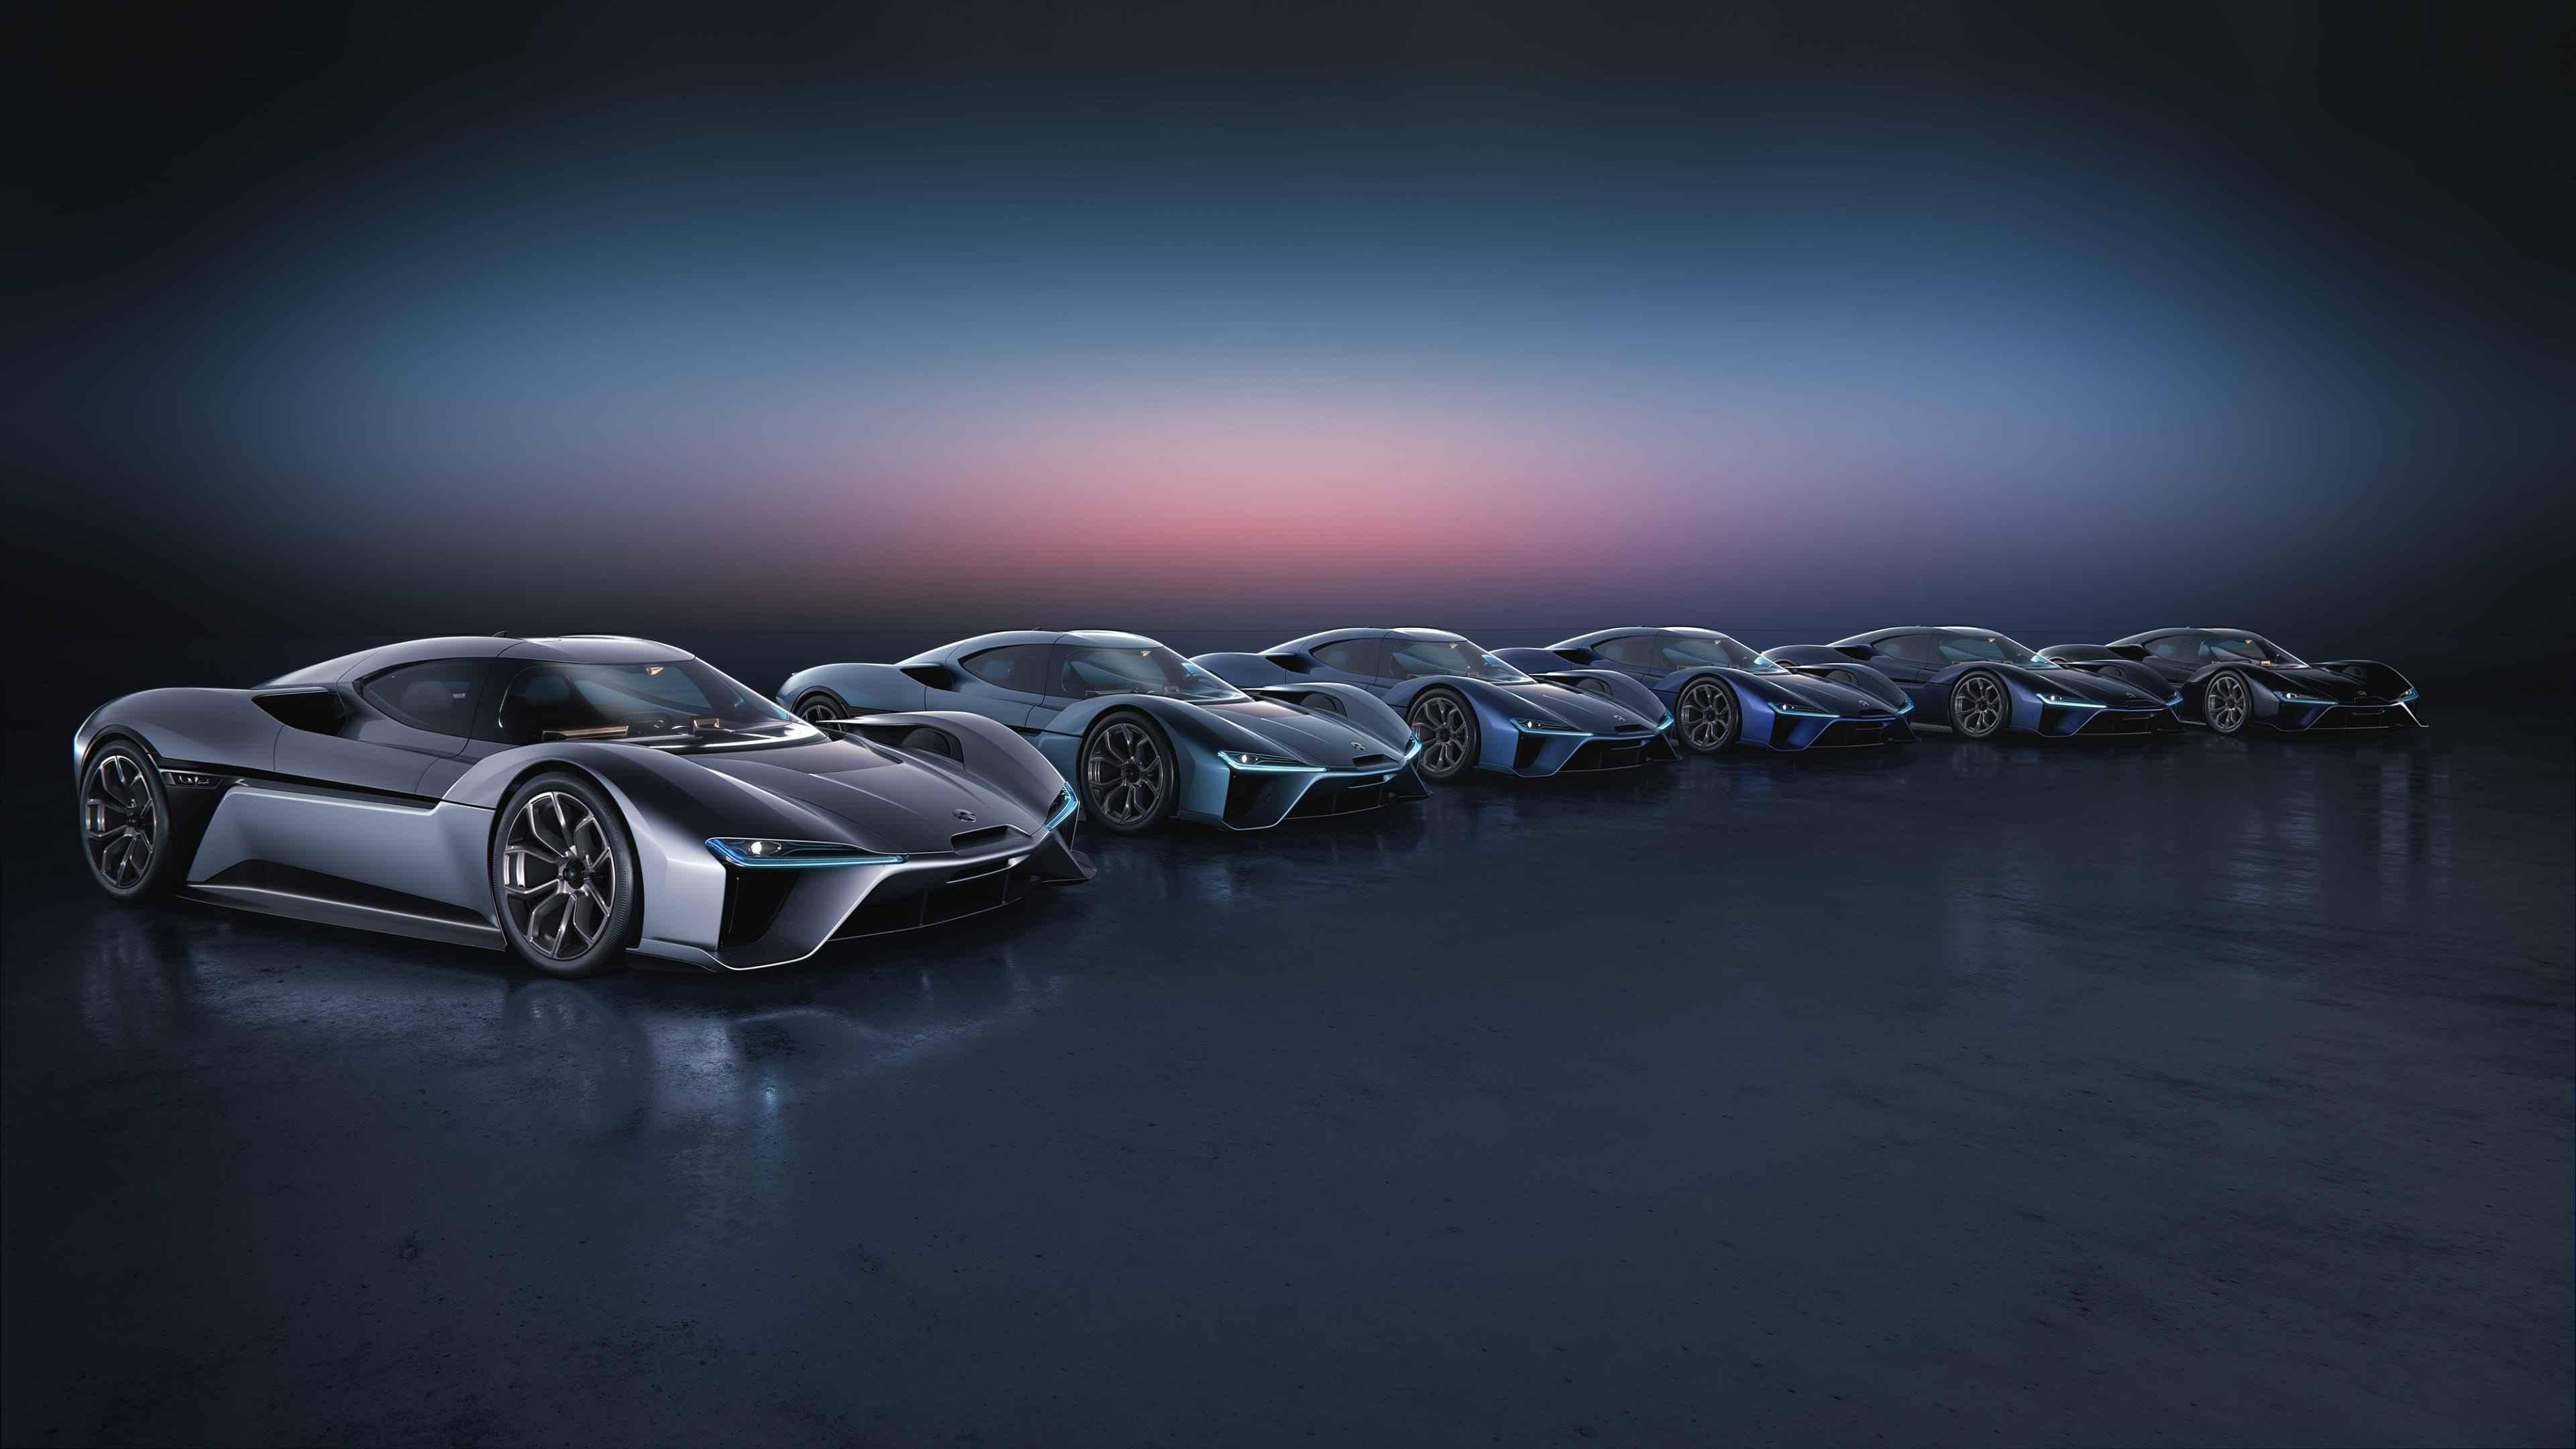 汽车电子系统科技服务商融资2.1亿元 华兴新经济基金独家投资